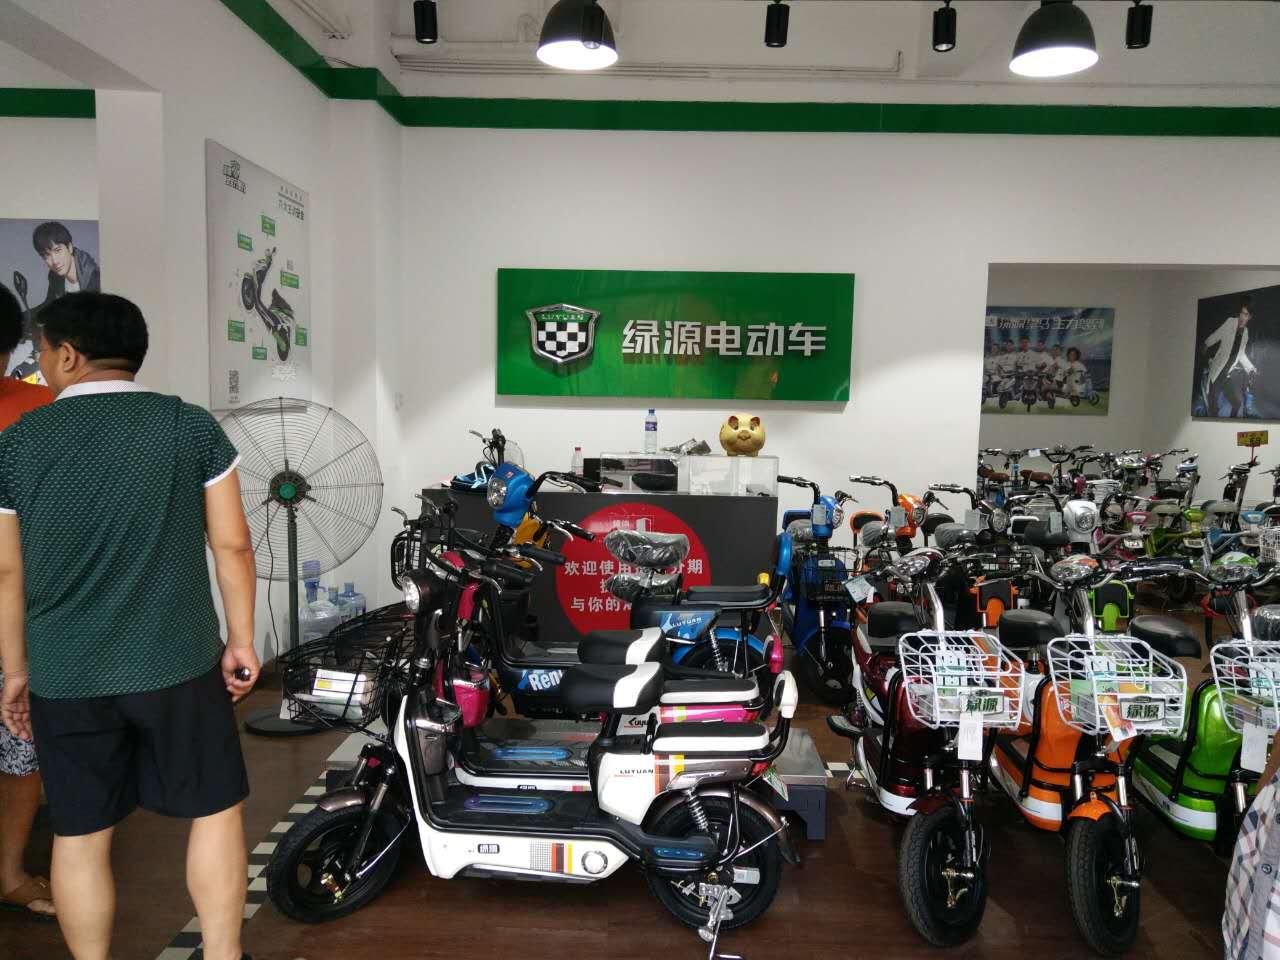 成立于1997年7月的绿源电动车